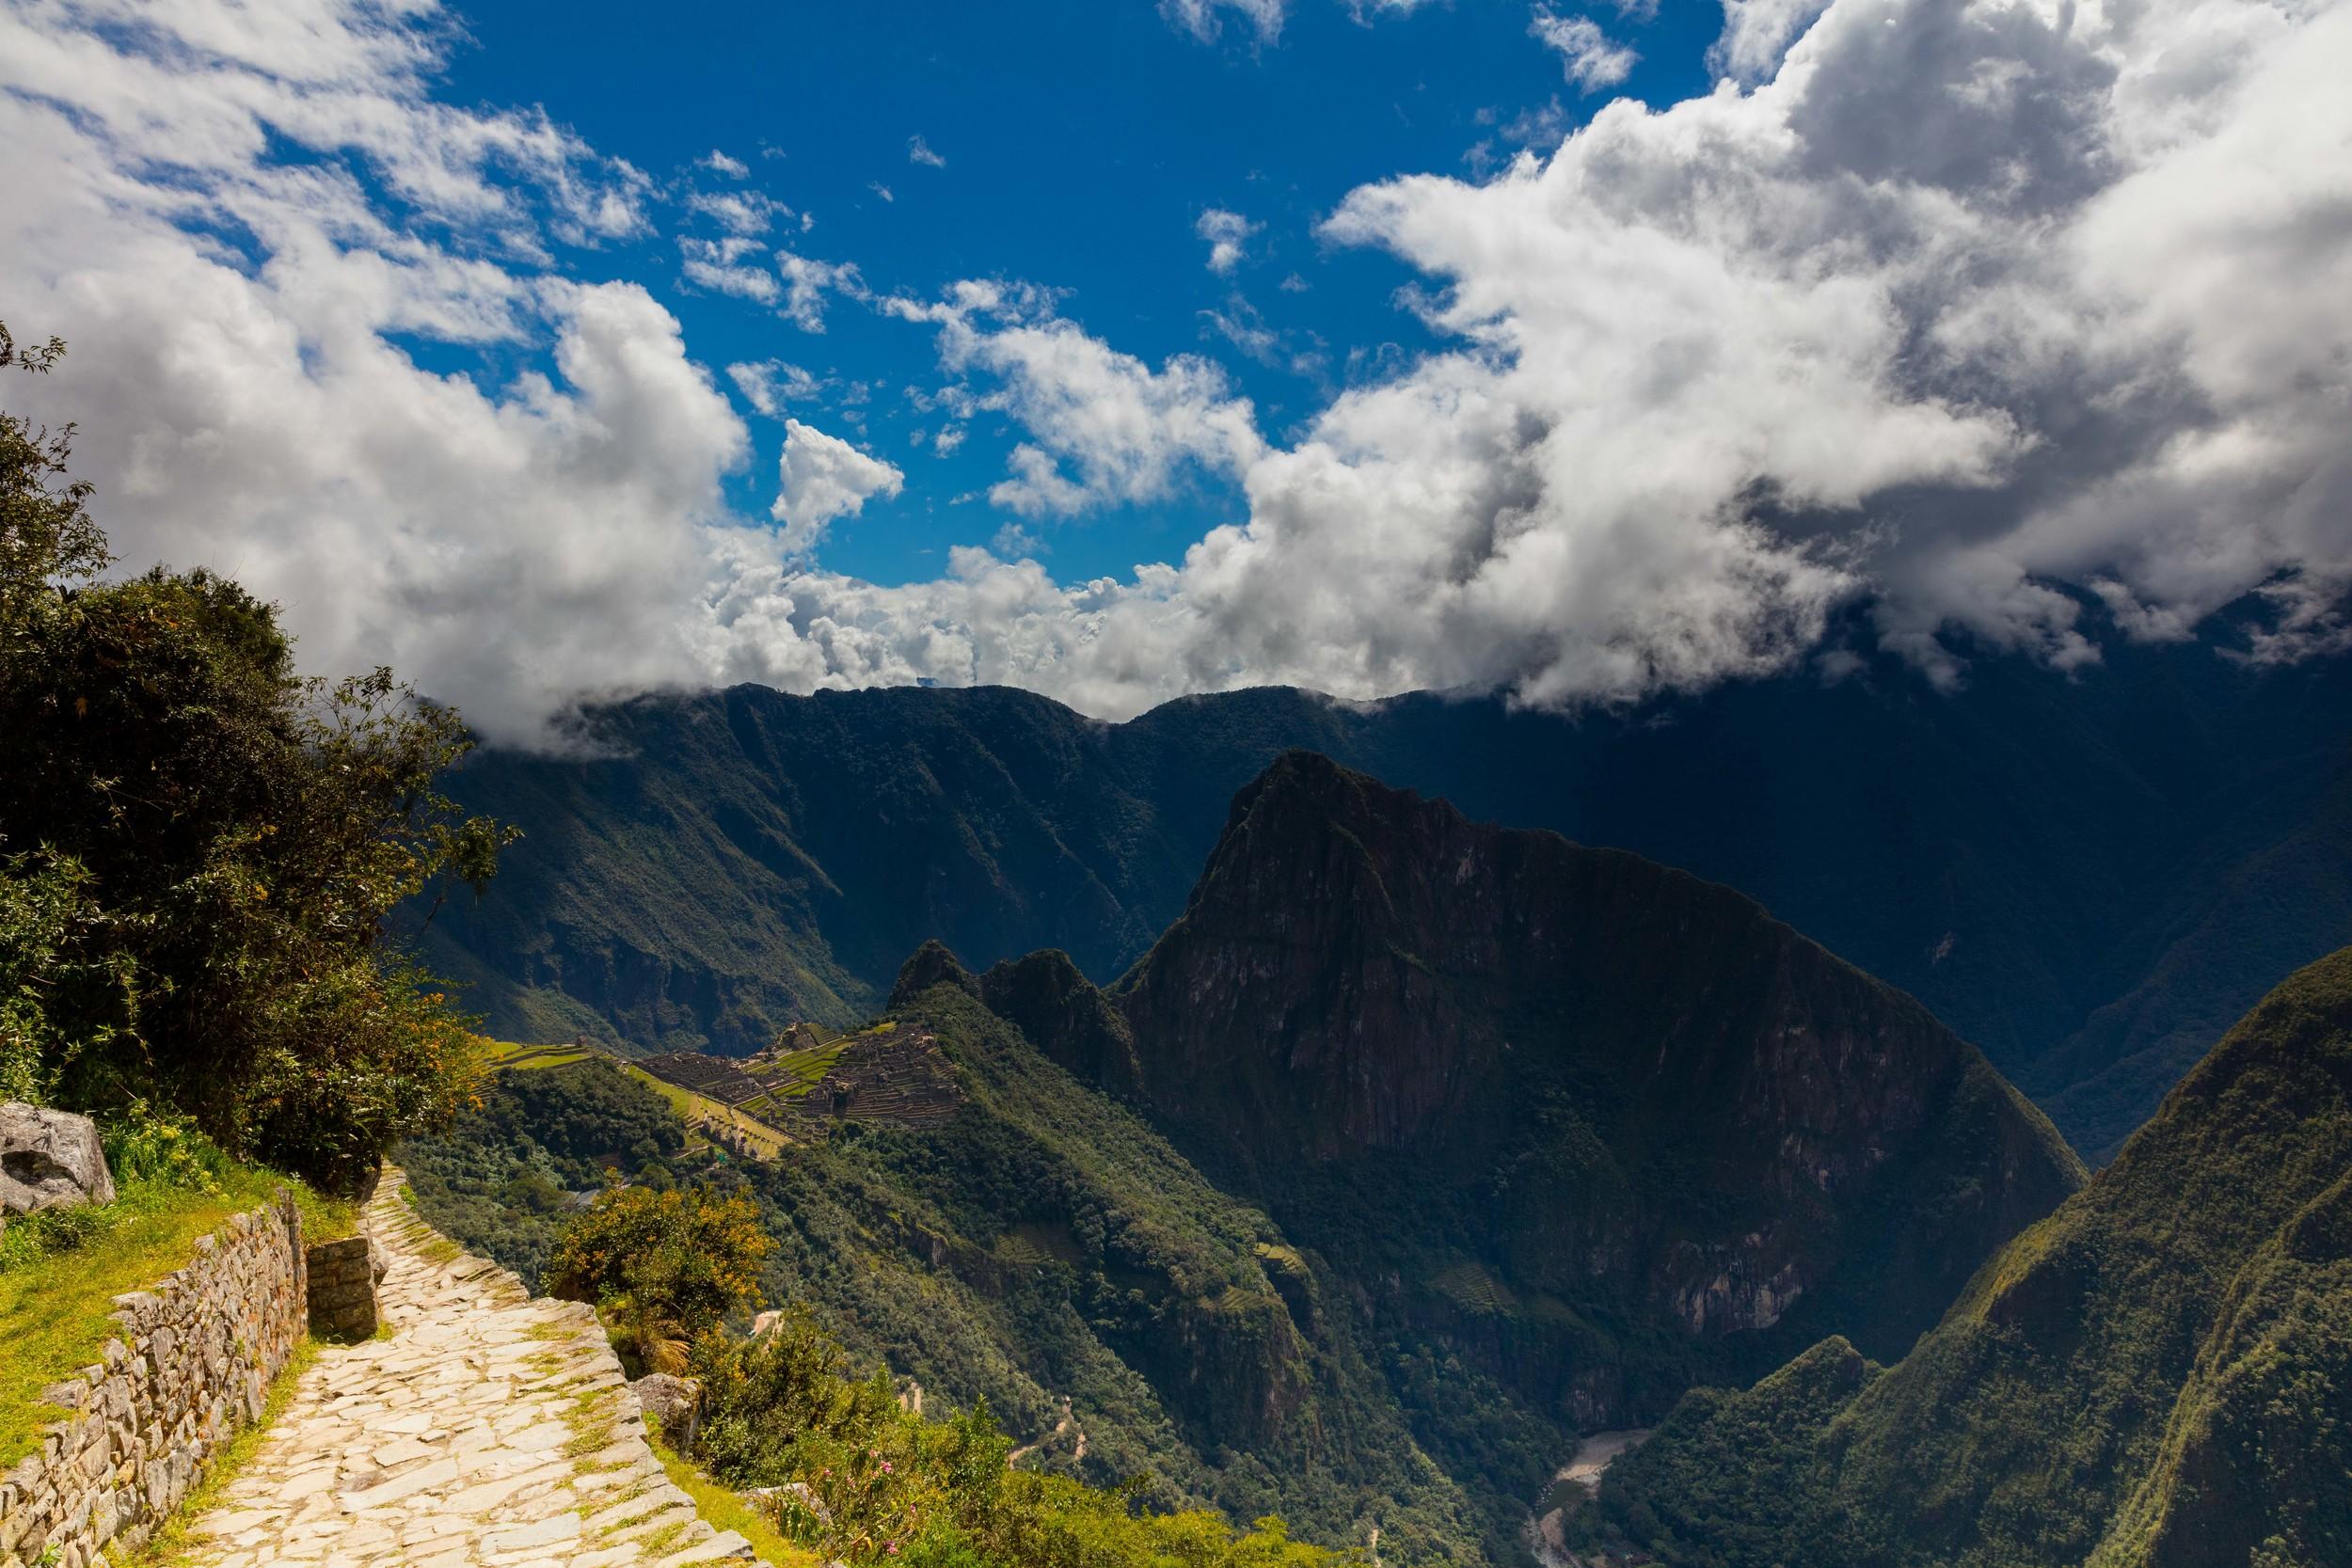 View from Sun Gate, Machu Picchu, Peru